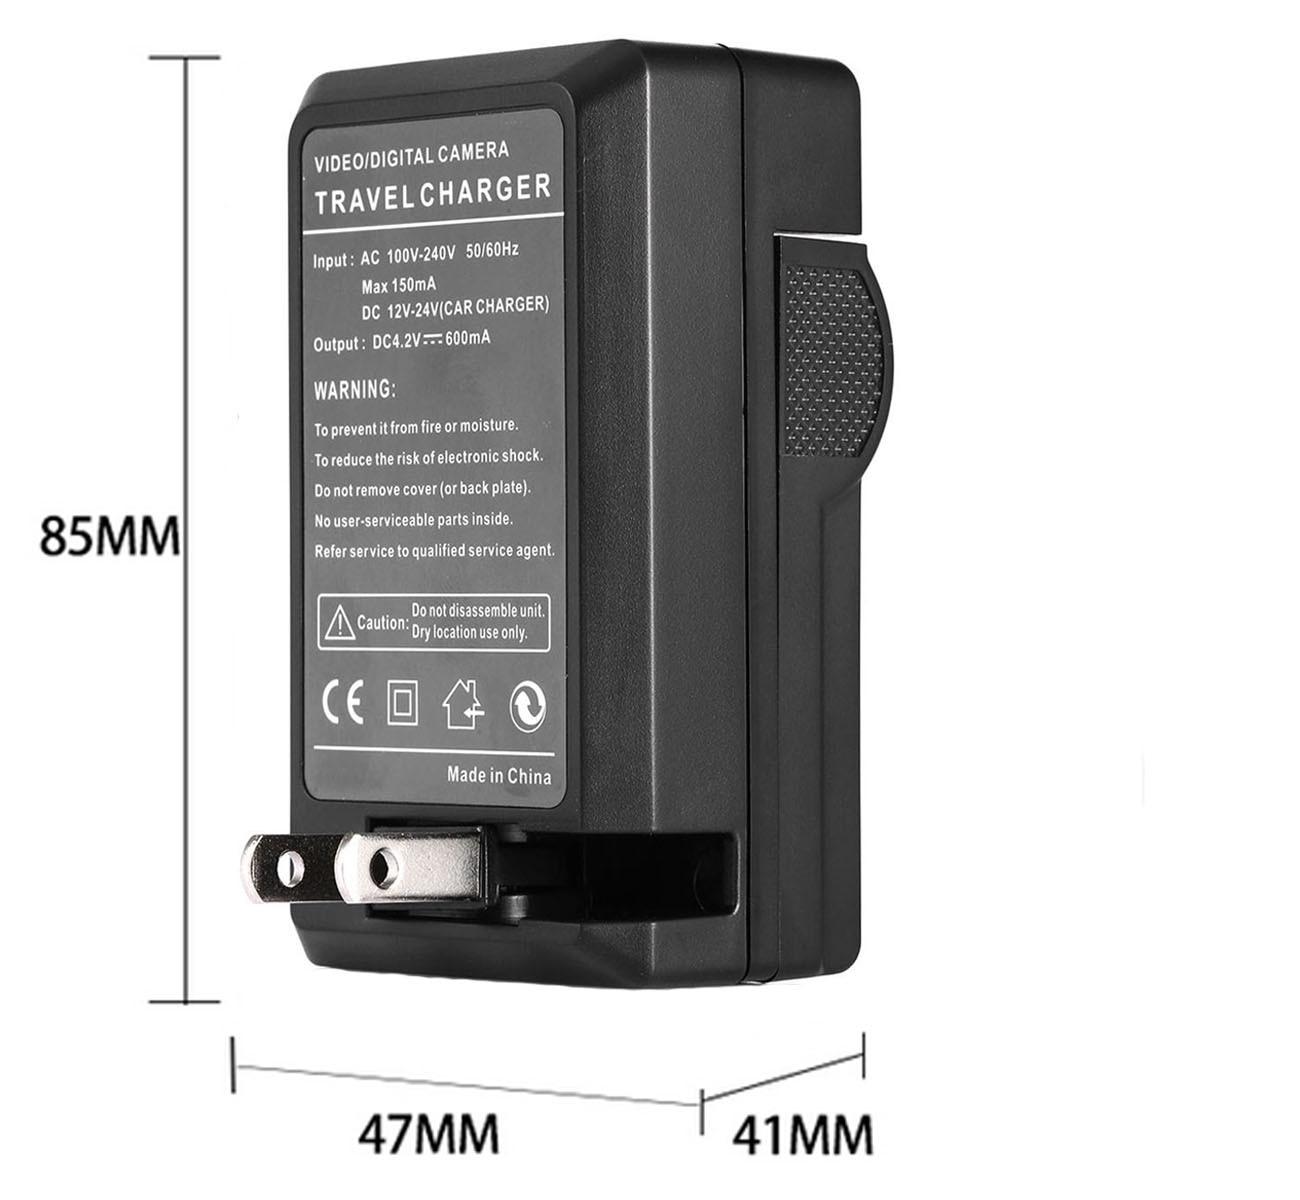 Battery Charger for Samsung VP-D130 VP-D190i Digital Video Camcorder VP-D190 VP-D130i